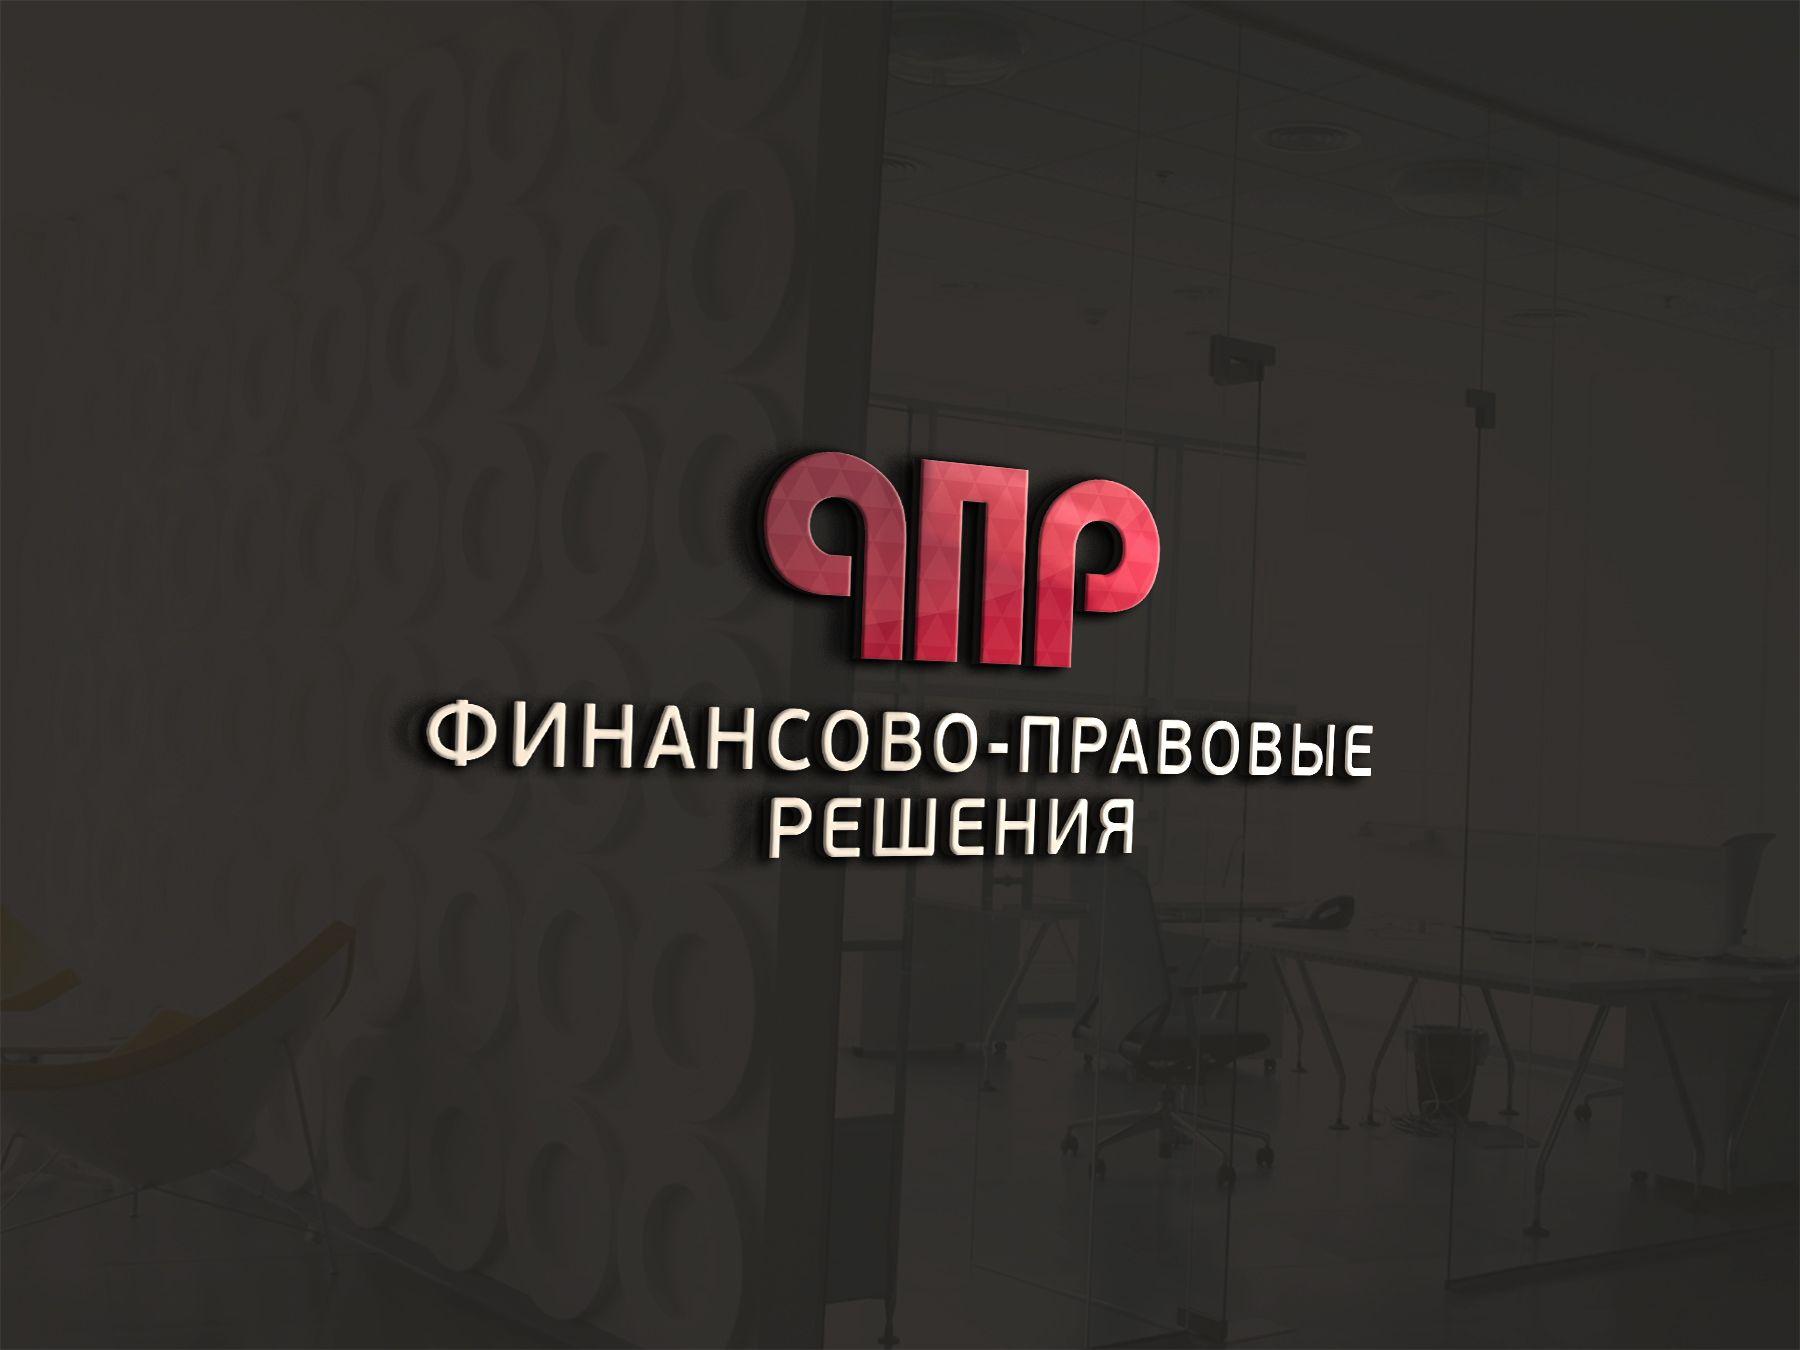 Лого и фирменный стиль для ФИНАНСОВО-ПРАВОВЫЕ РЕШЕНИЯ (сокращенно - ФПР) - дизайнер Teriyakki